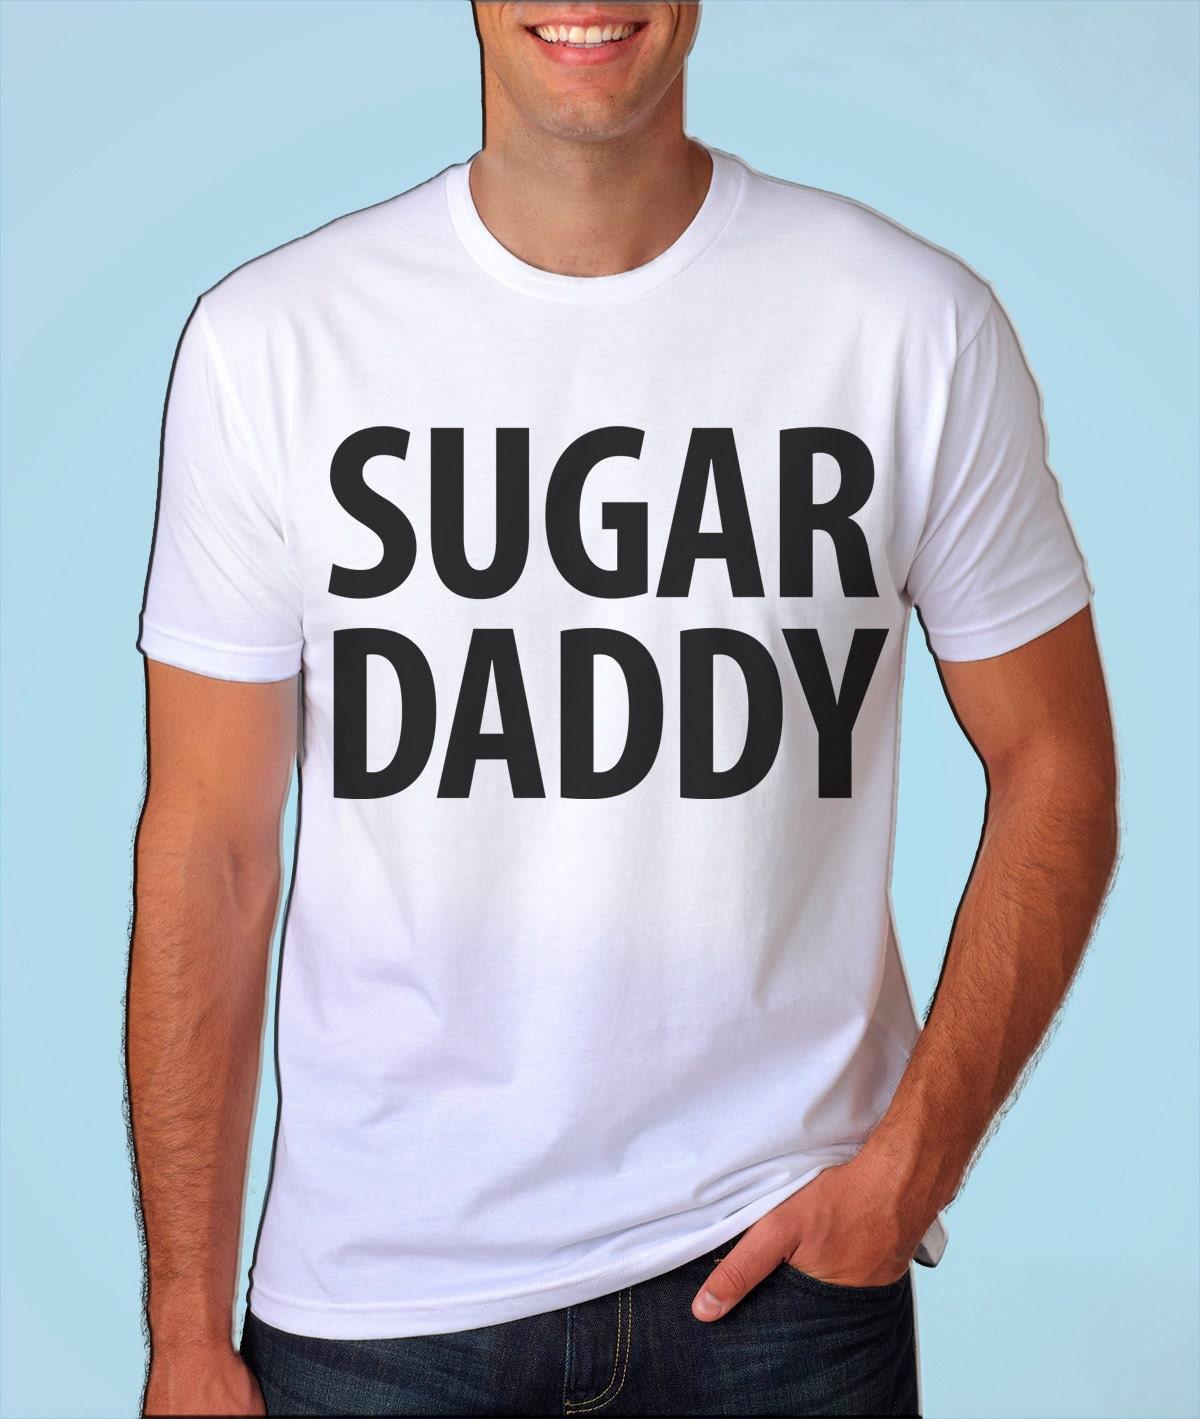 Sugar daddy shirt